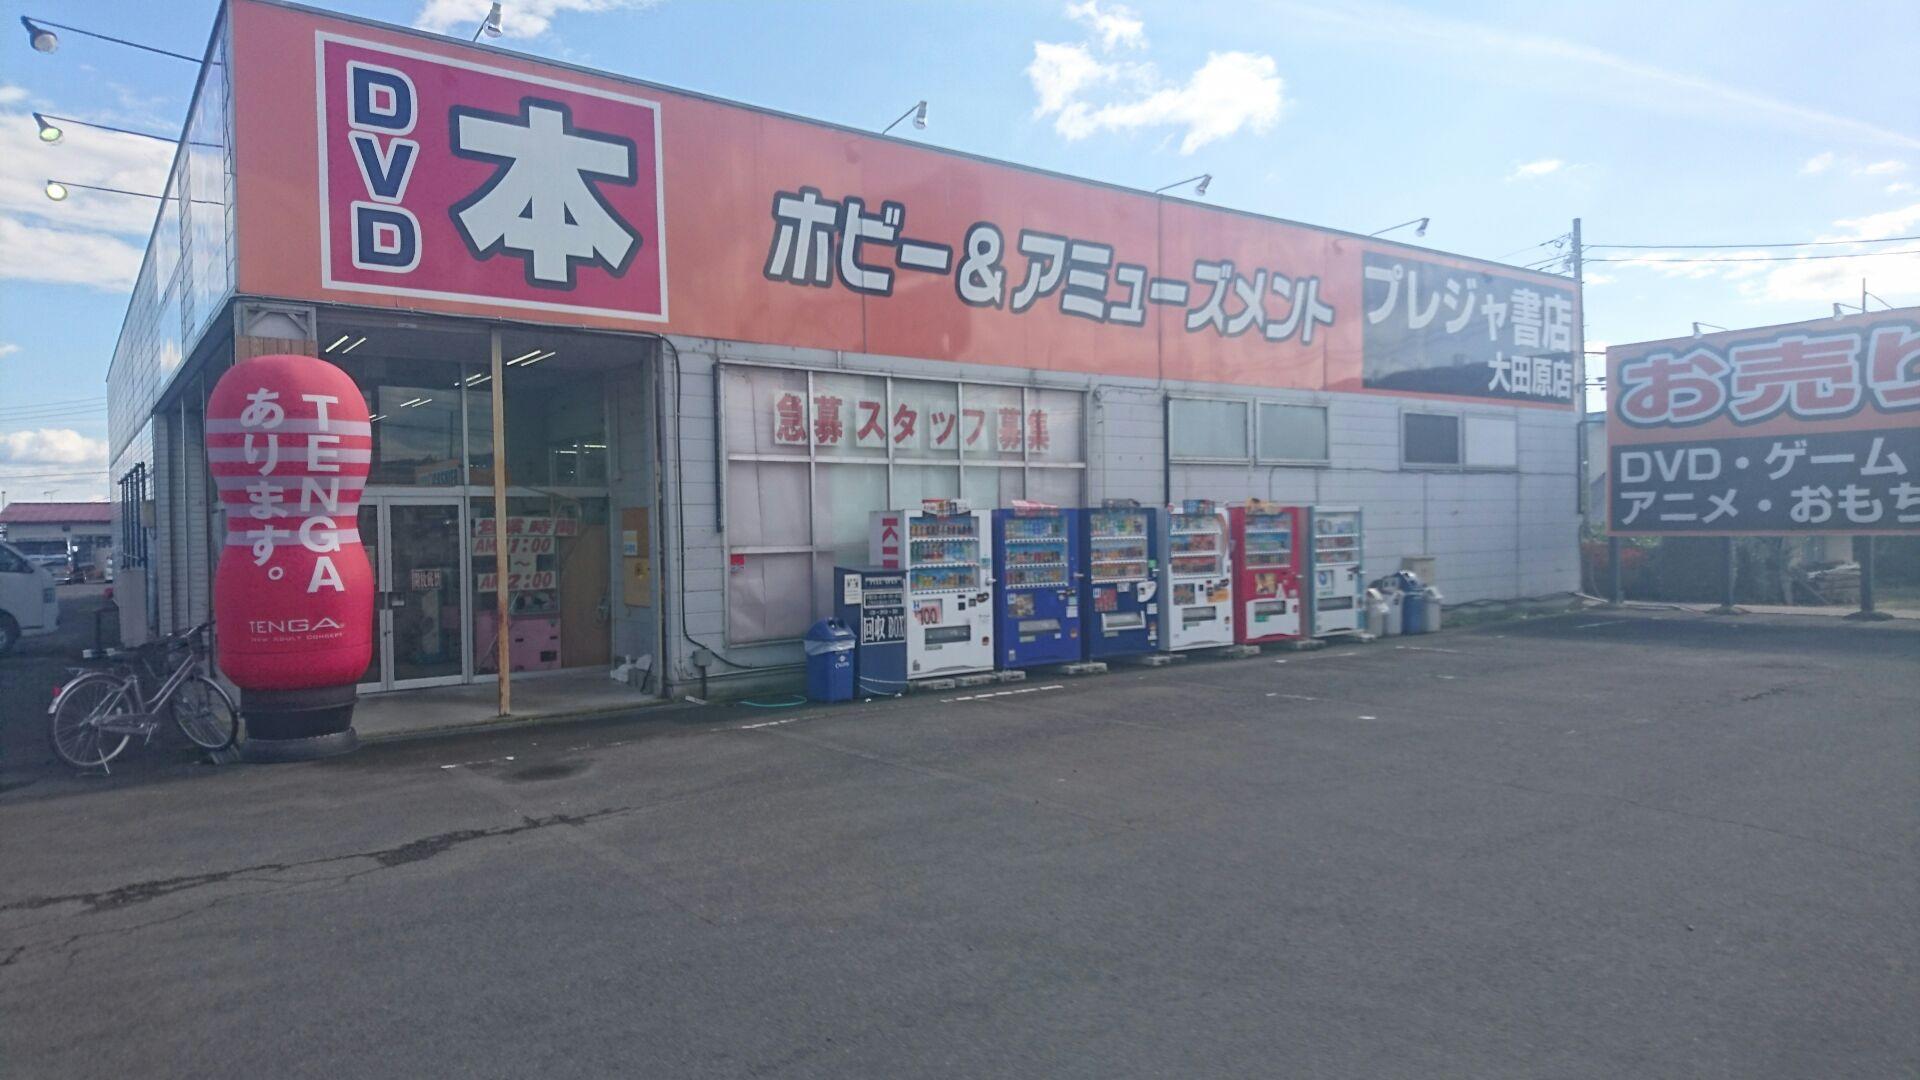 プレジャ書店 大田原店